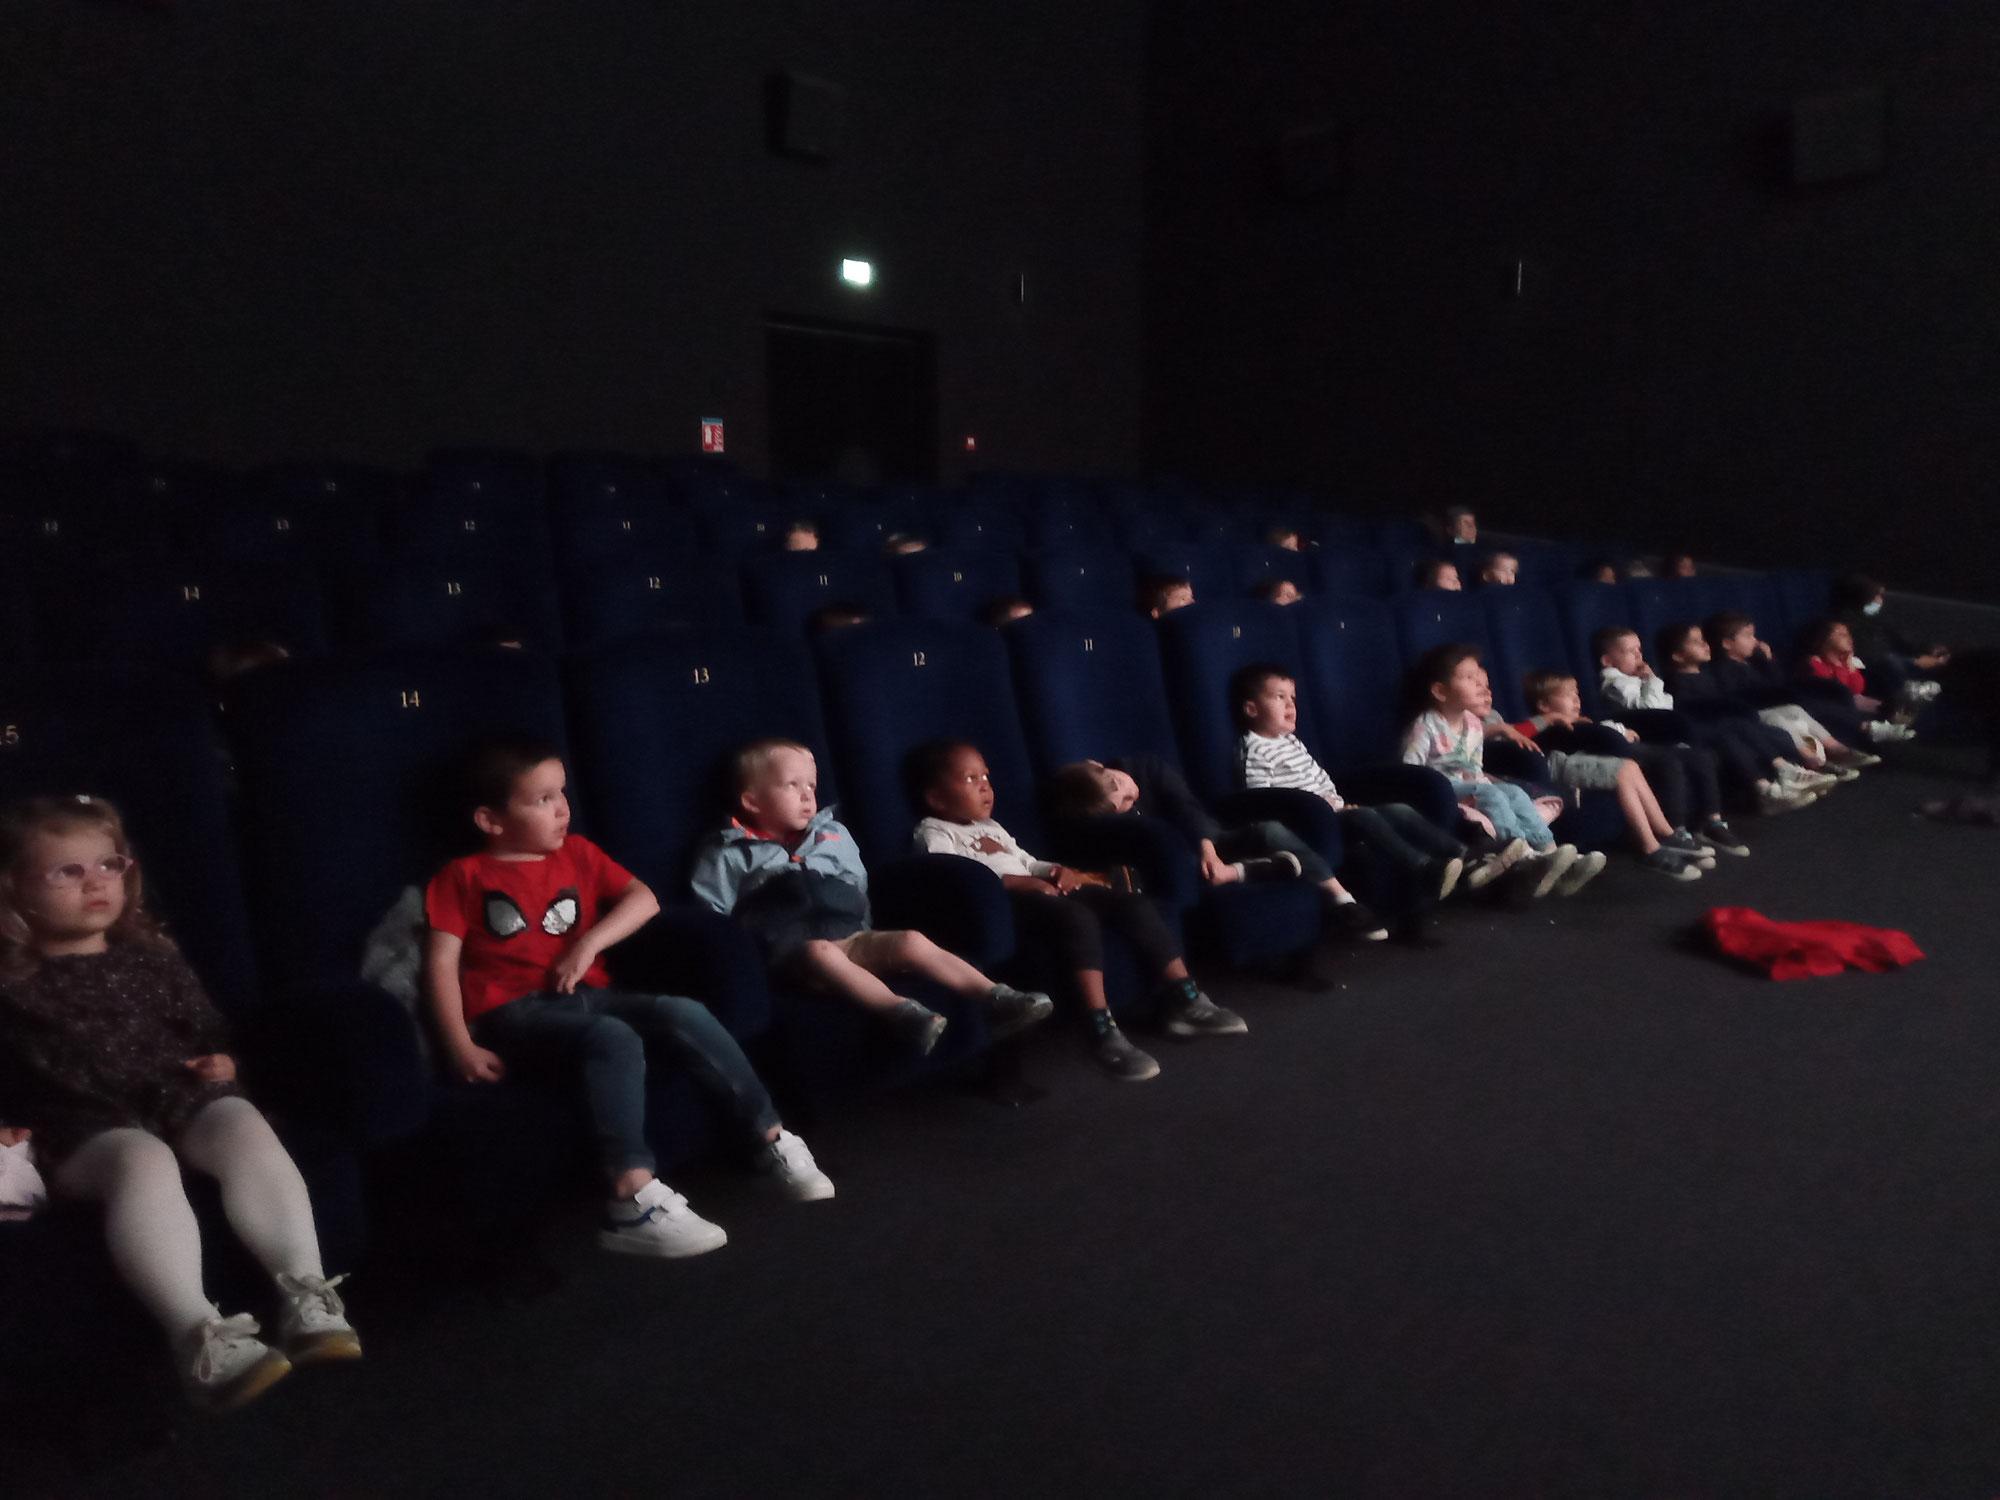 séance de cinéma en maternelle